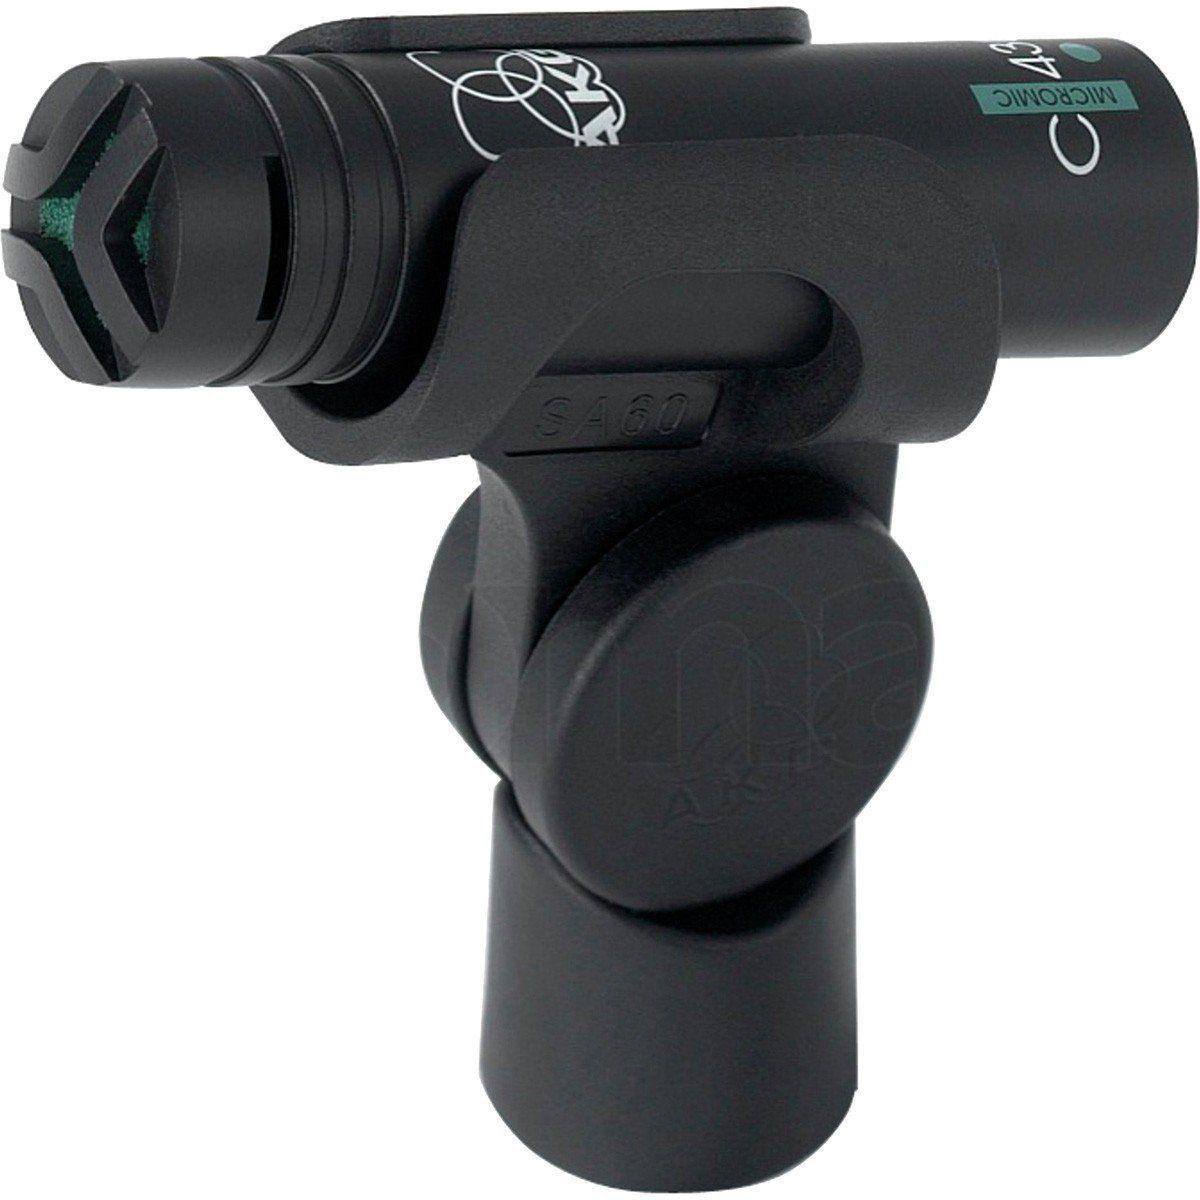 Akg C430 Microfone Condensador Akg-C430 para Gravação de Chimbau e Pratos